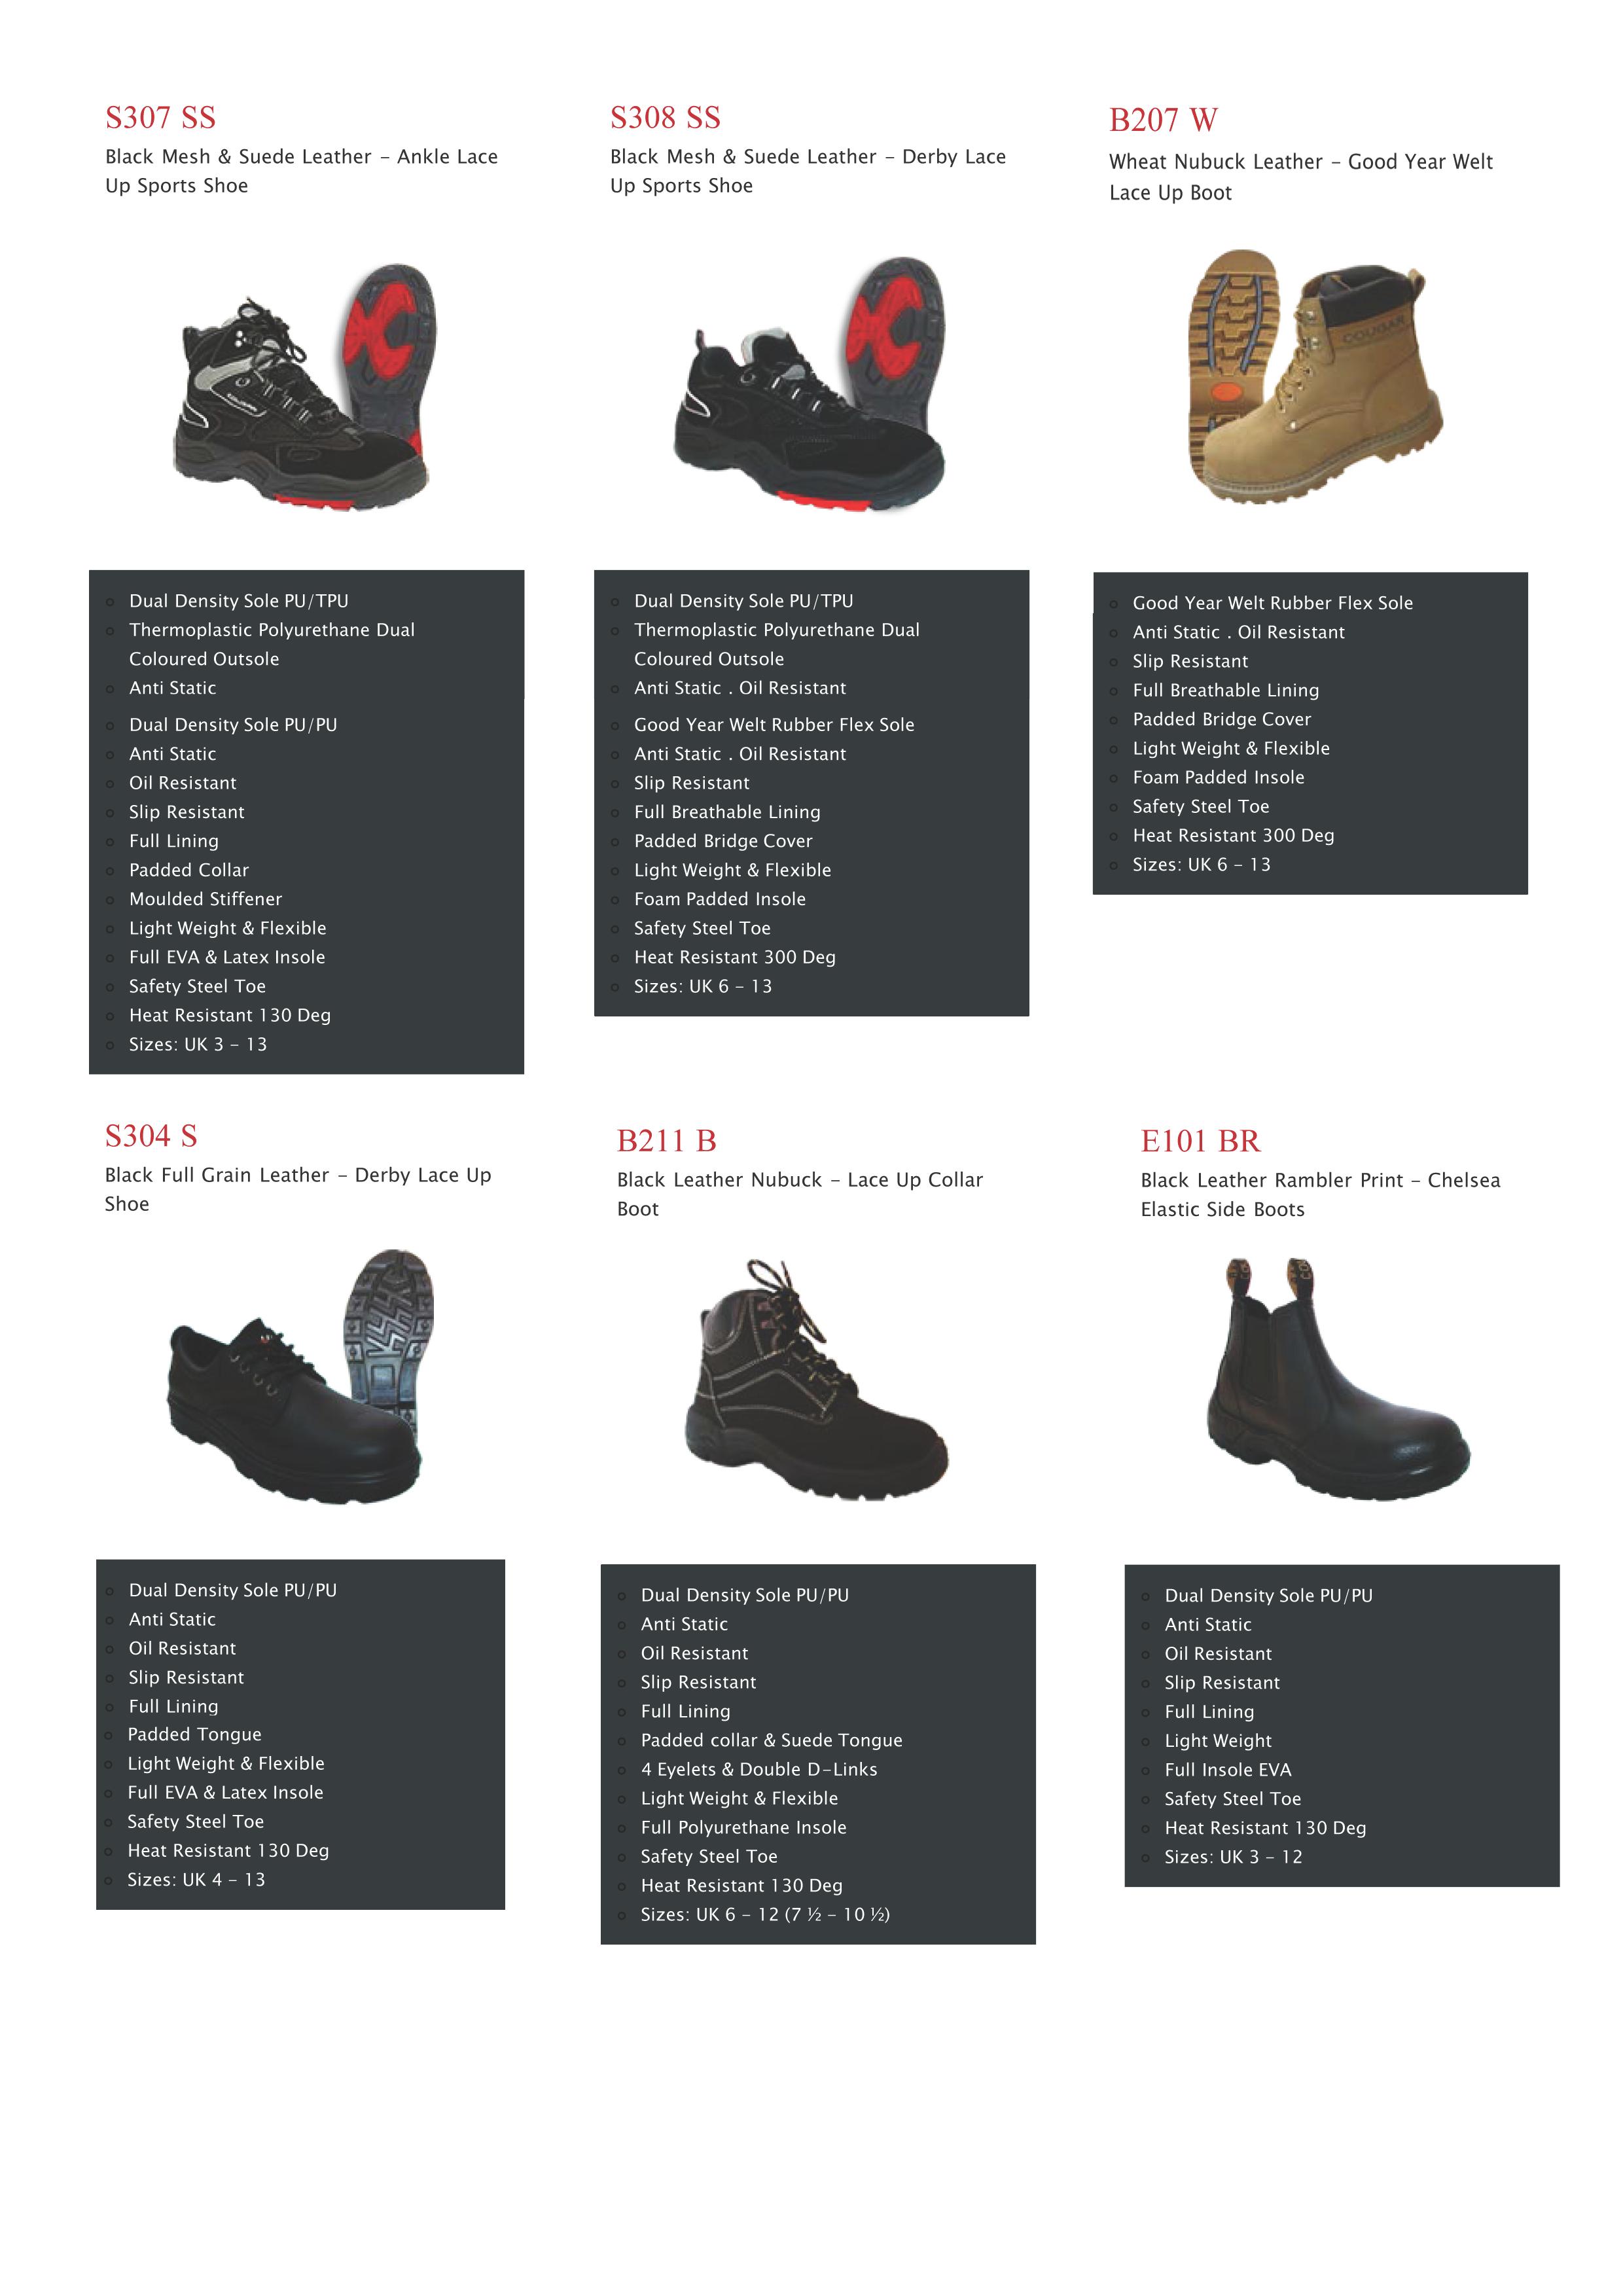 ed213e279db Cougar Footwear